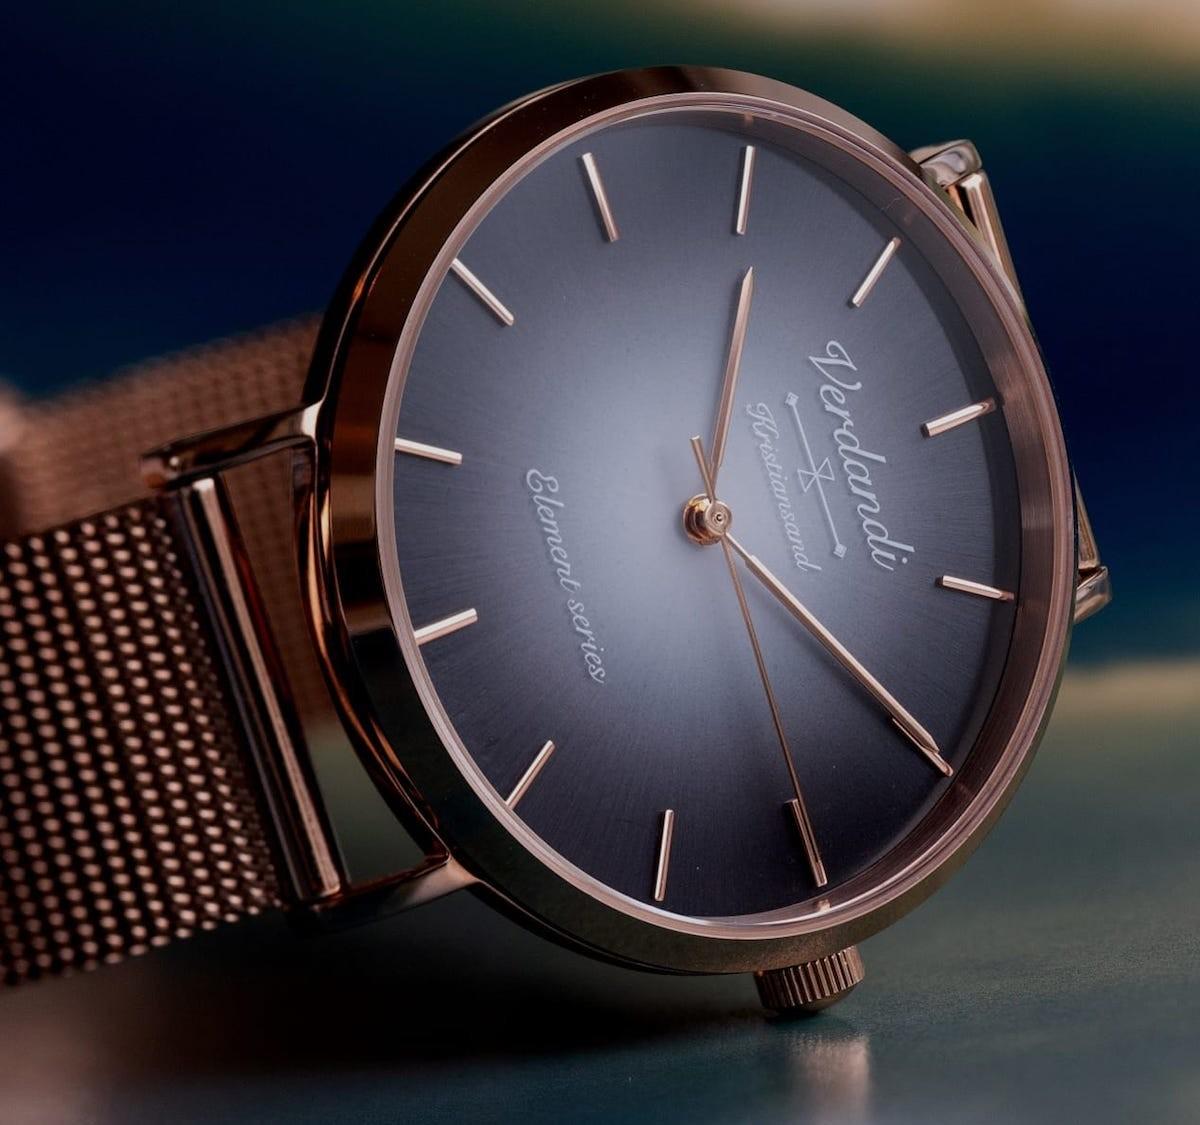 Verdandi Solar-Powered Watch has a gorgeous Scandinavian design